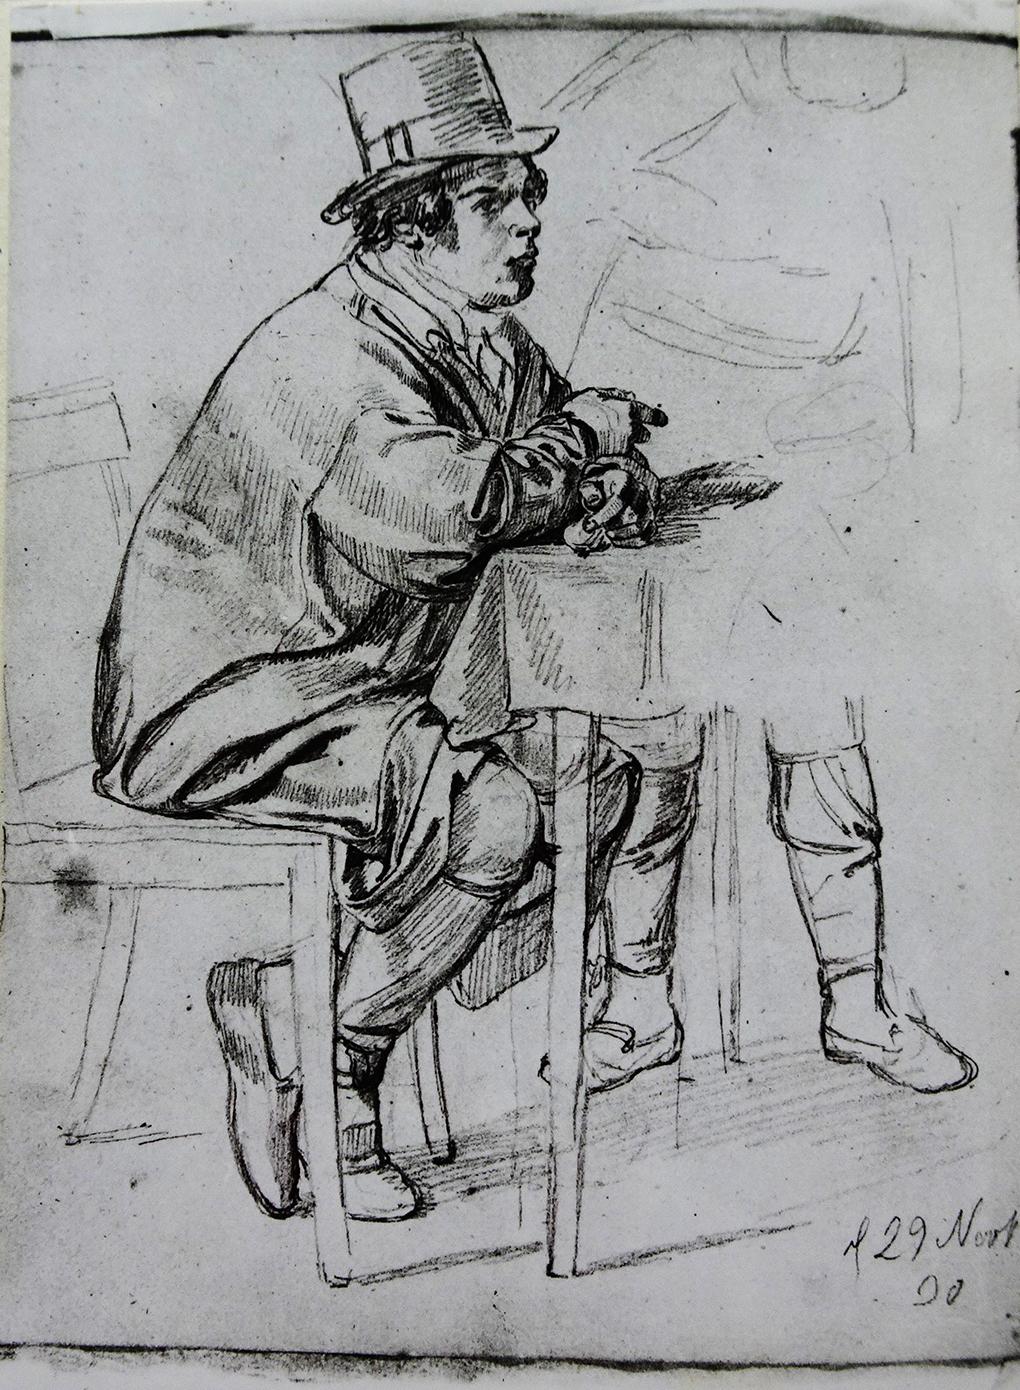 Ludwig Most, Studium gościa siedzącego za stołem, 29 listopada 1830, ołówek, papier welinowy, rysunek w szkicowniku nr II, karta 2, odwrocie, Muzeum Narodowe w Szczecinie